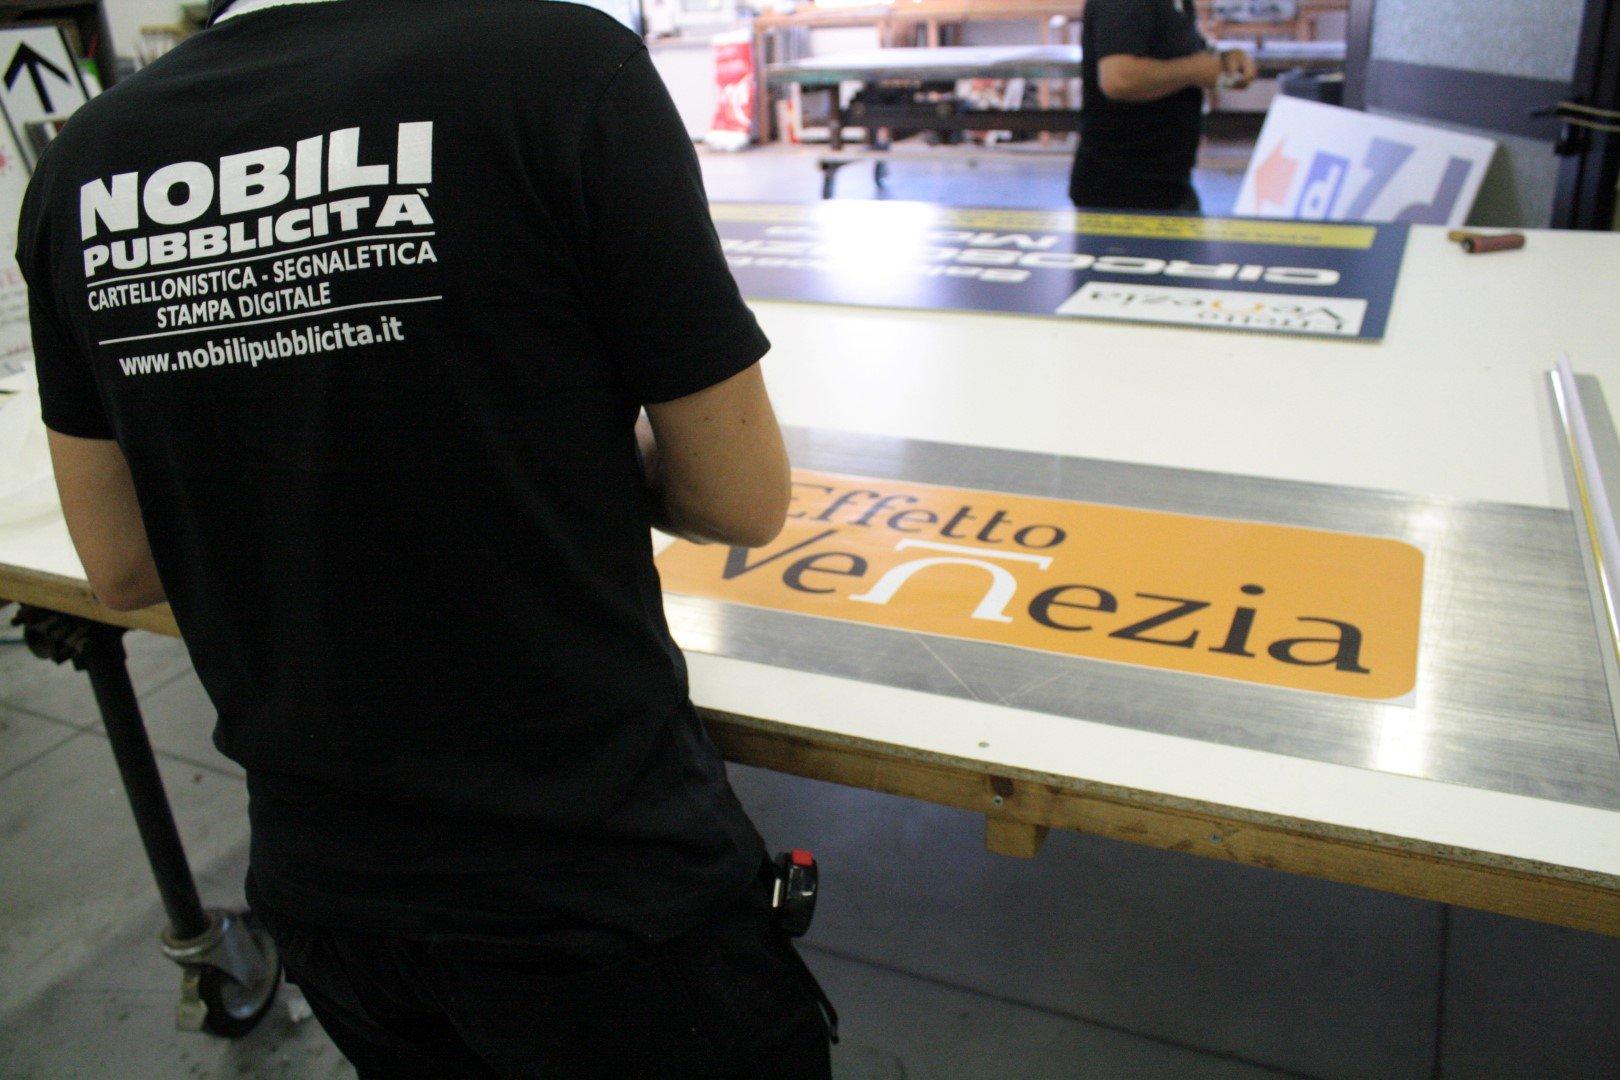 persona con maglietta NOBILI Pubblicita` che lavora un pannello con scritto EFFETTO VENEZIA